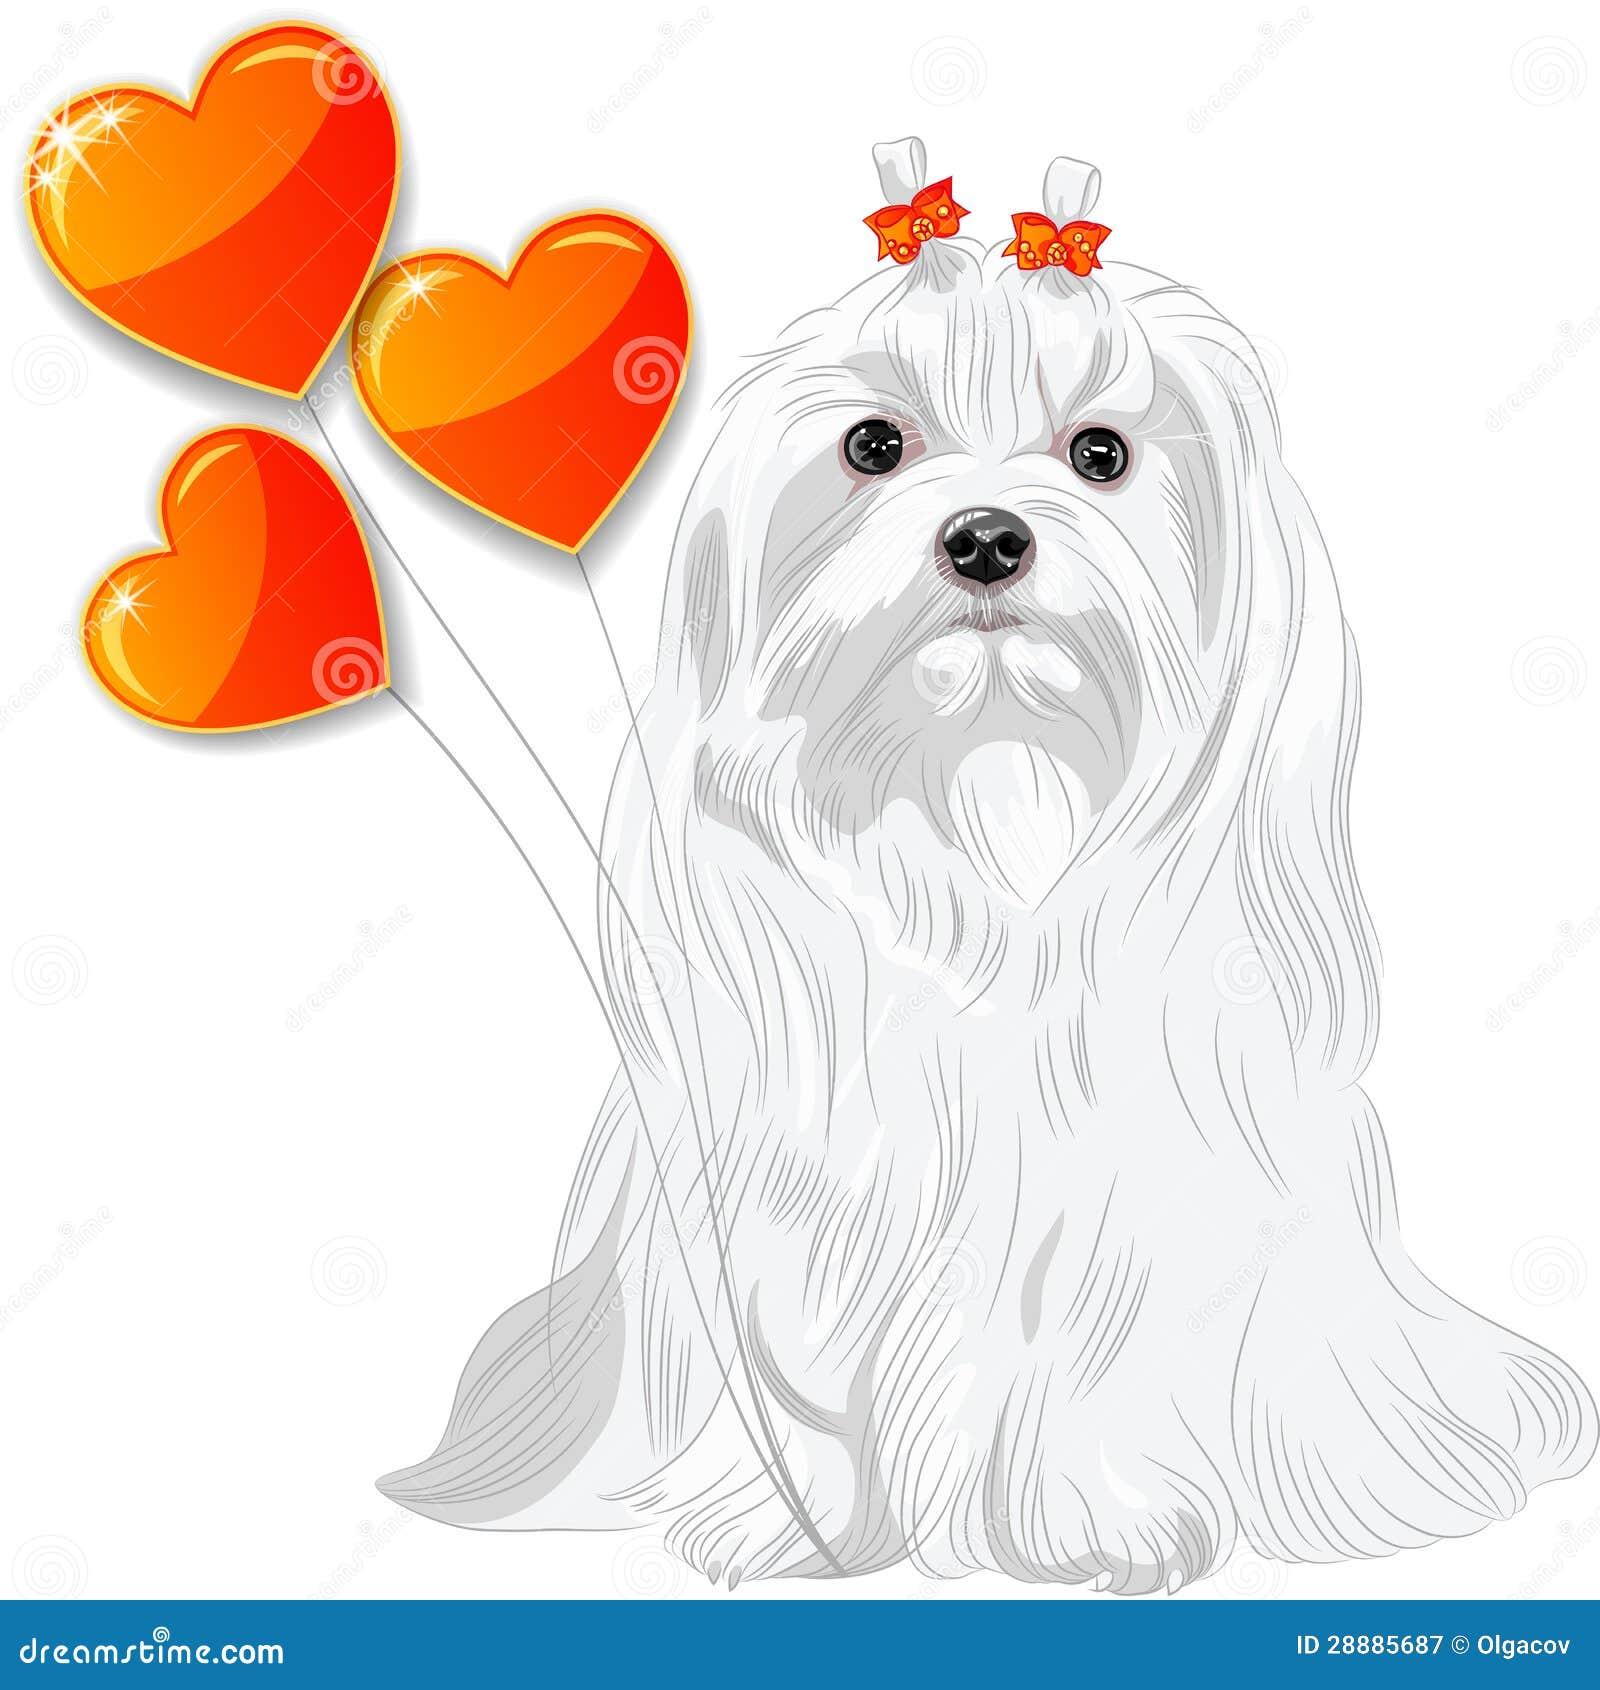 maltese dog vector illustration cartoon vector maltese dog clipart fire maltese clipart